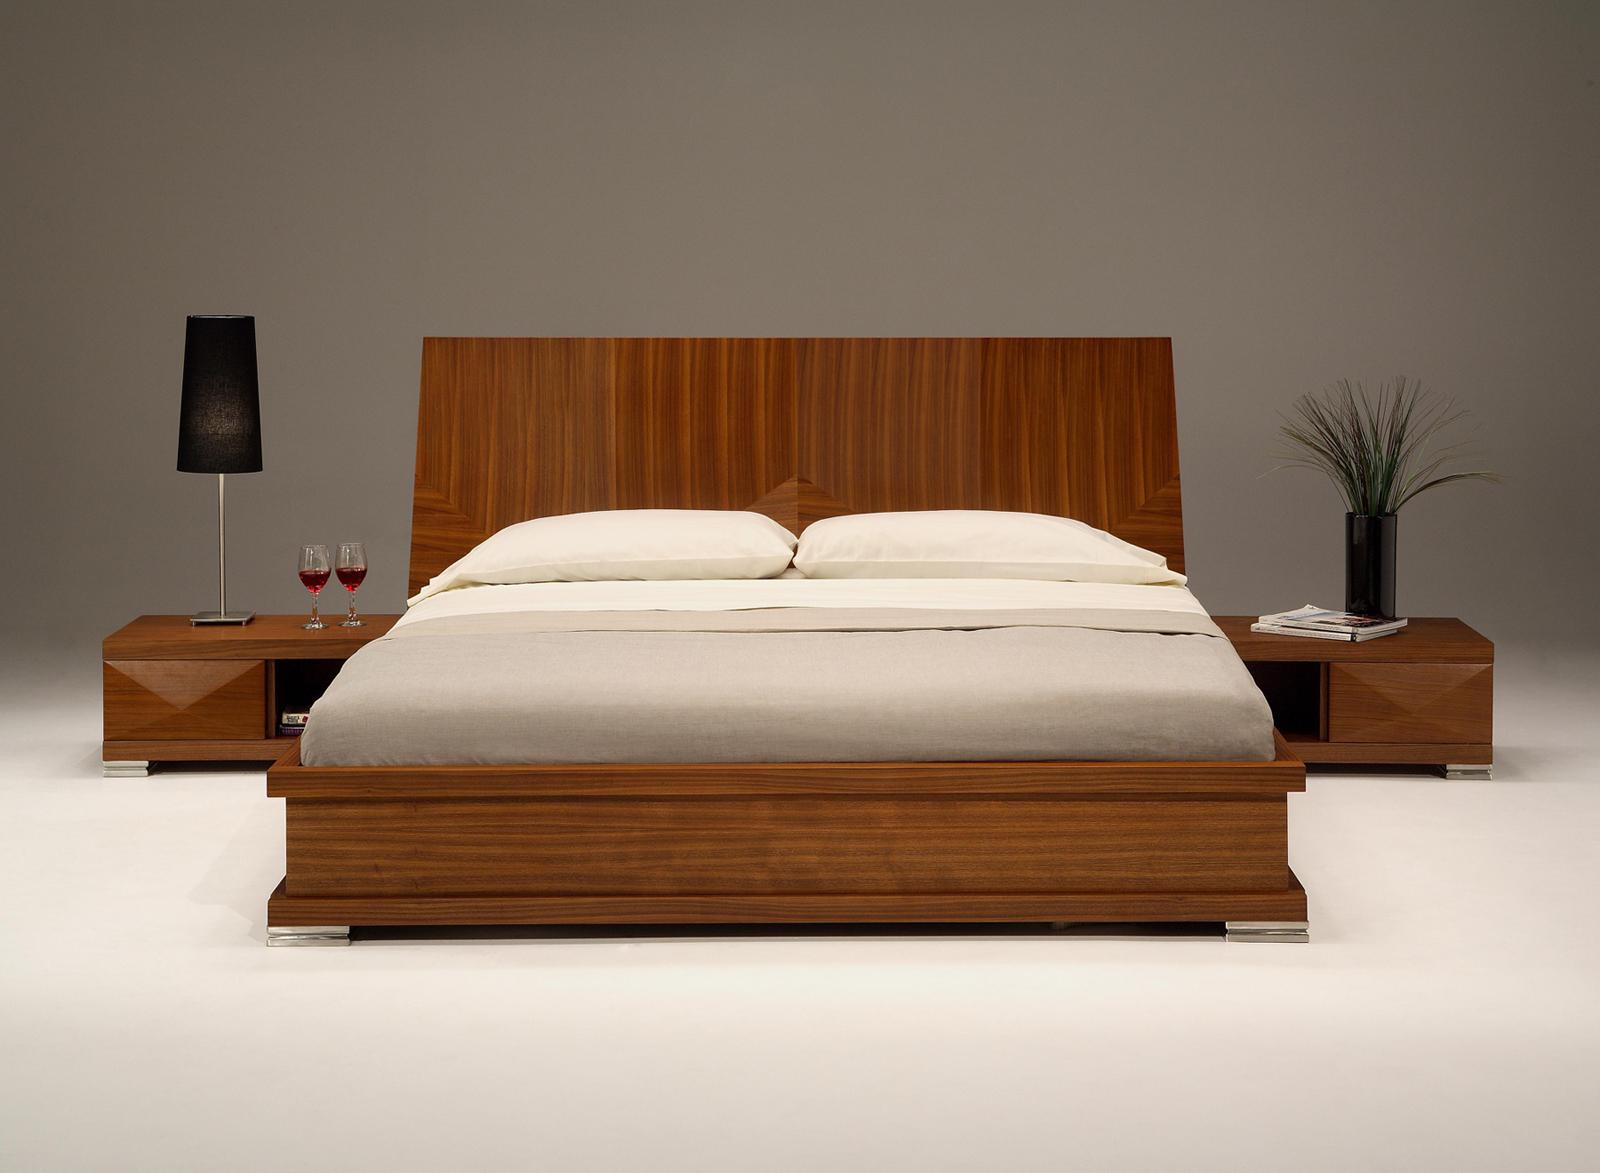 Bedroom Furniture Products Mi Casa Trinidad in Trinidad